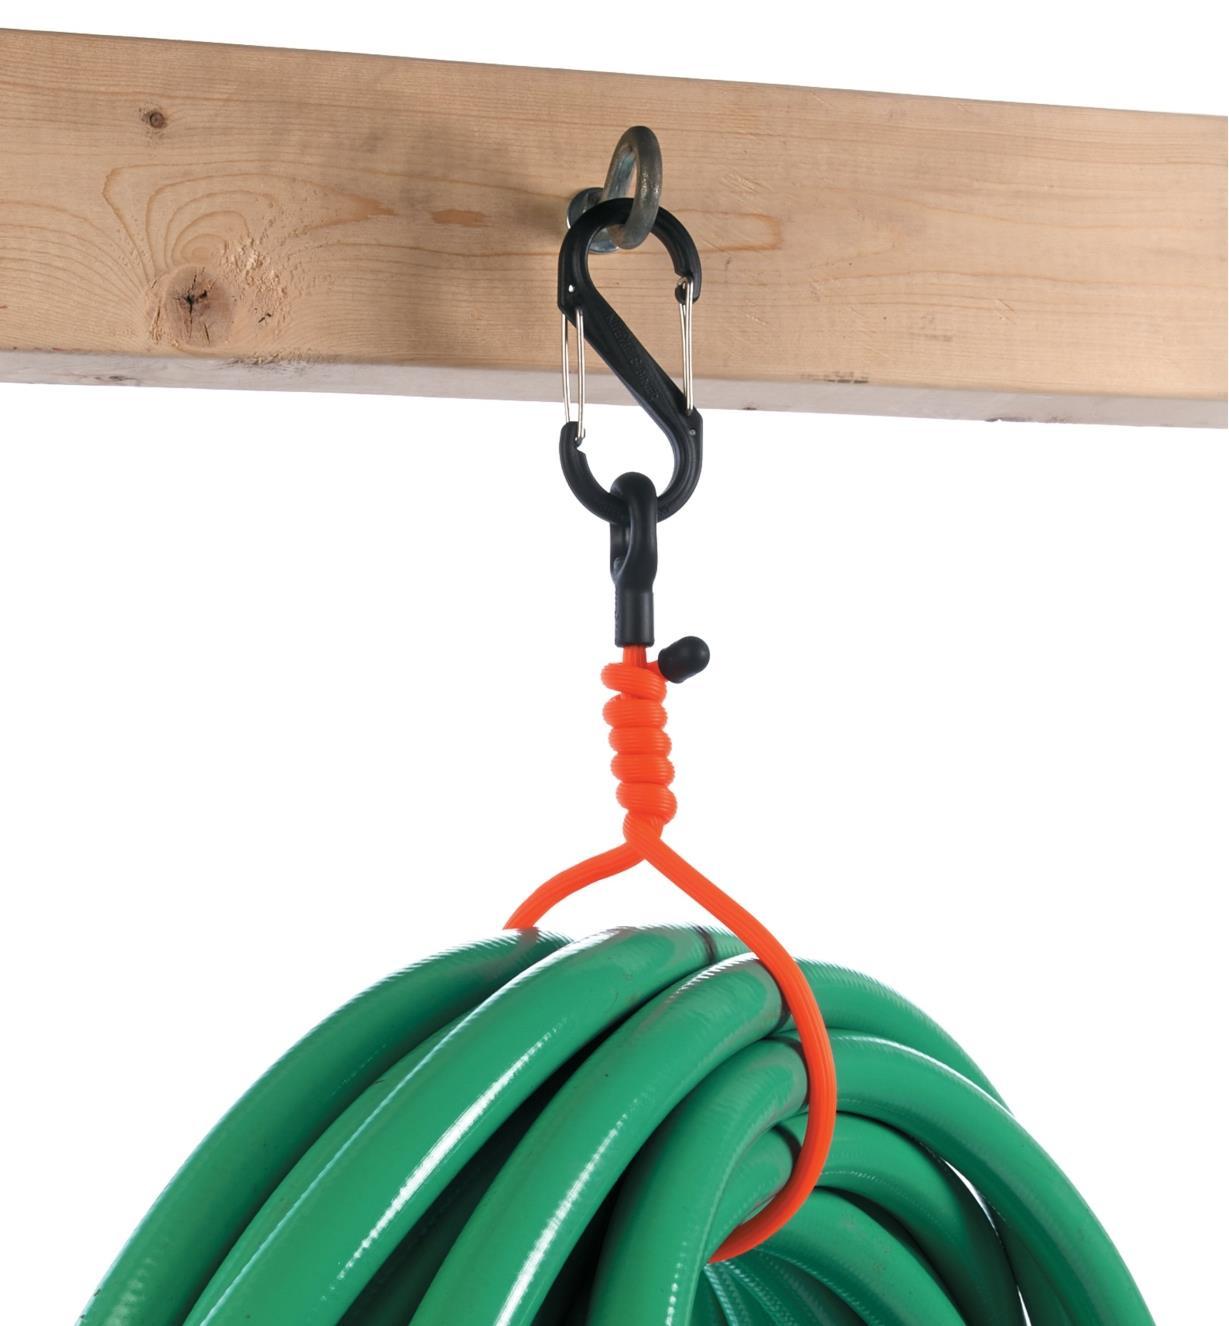 """68K0722 - 24 1/2"""" Orange Clip-Mount GearTie Flexible Tie, each"""